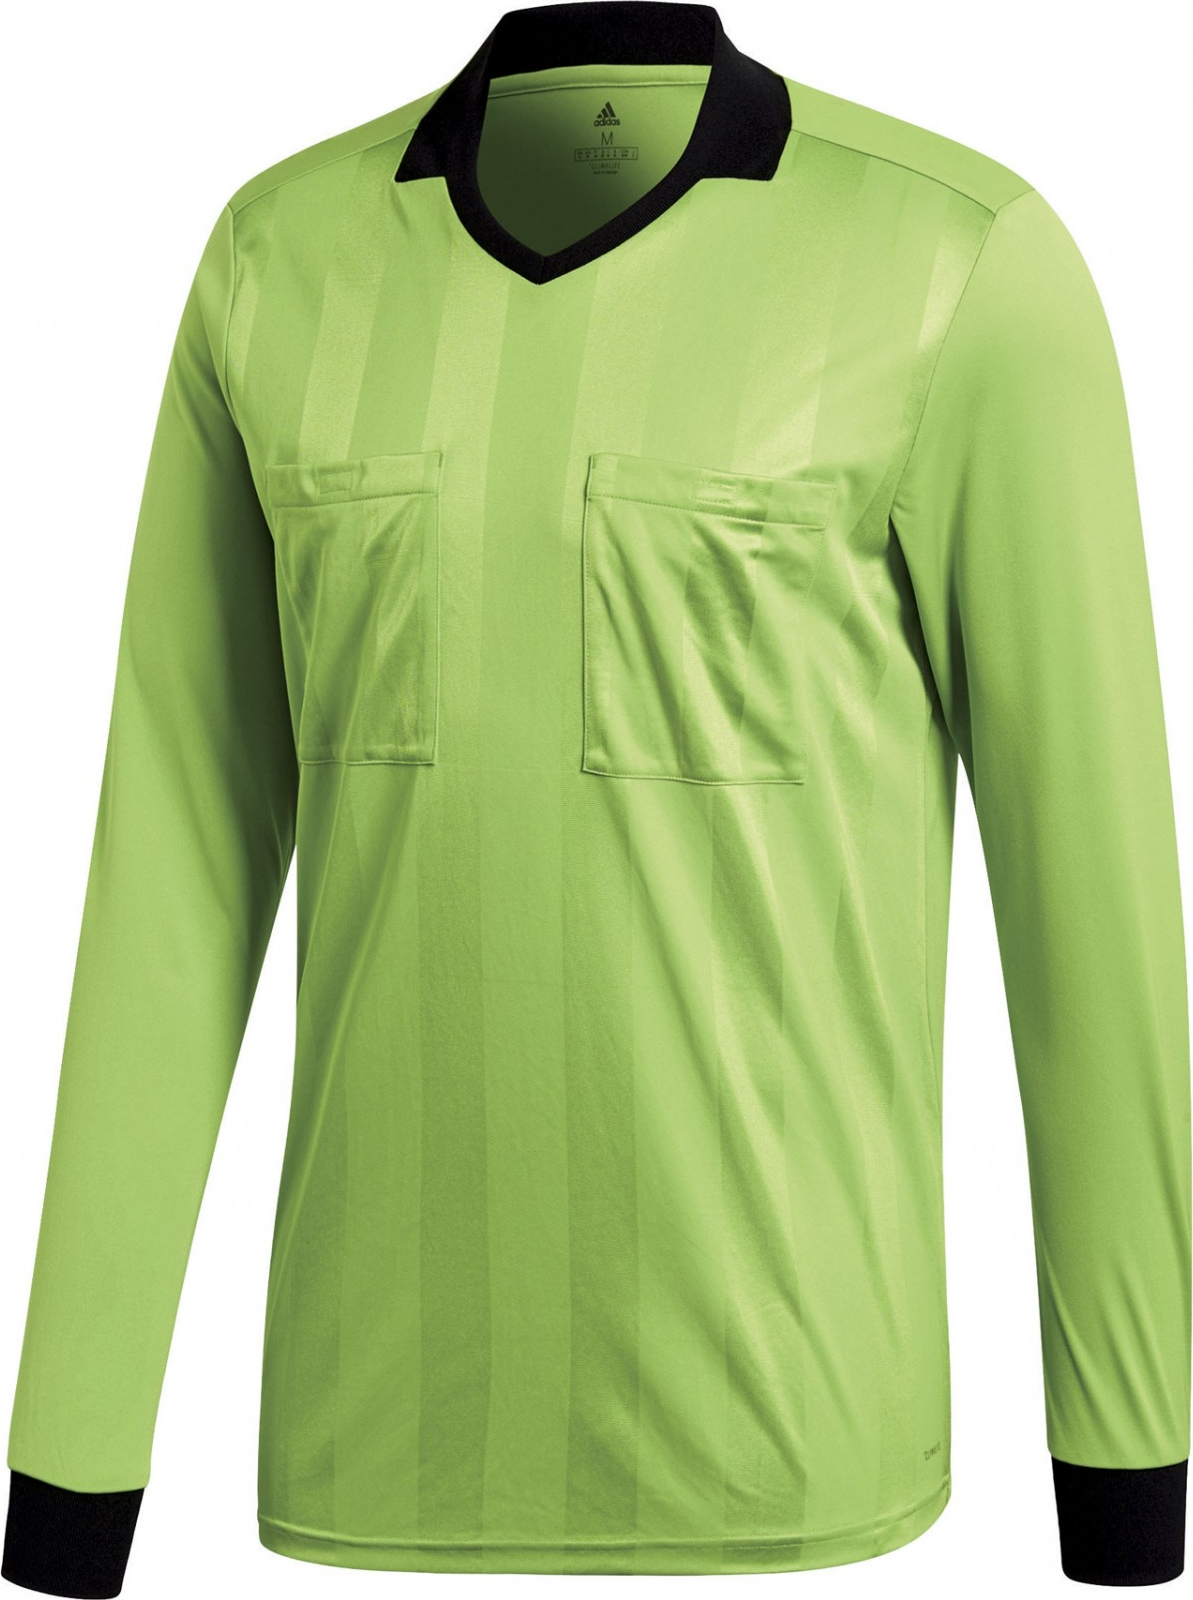 Лонгслив adidas Ref18 Jsy Ls лонгслив мужской adidas ref18 jsy ls цвет зеленый cv6324 размер l 52 54